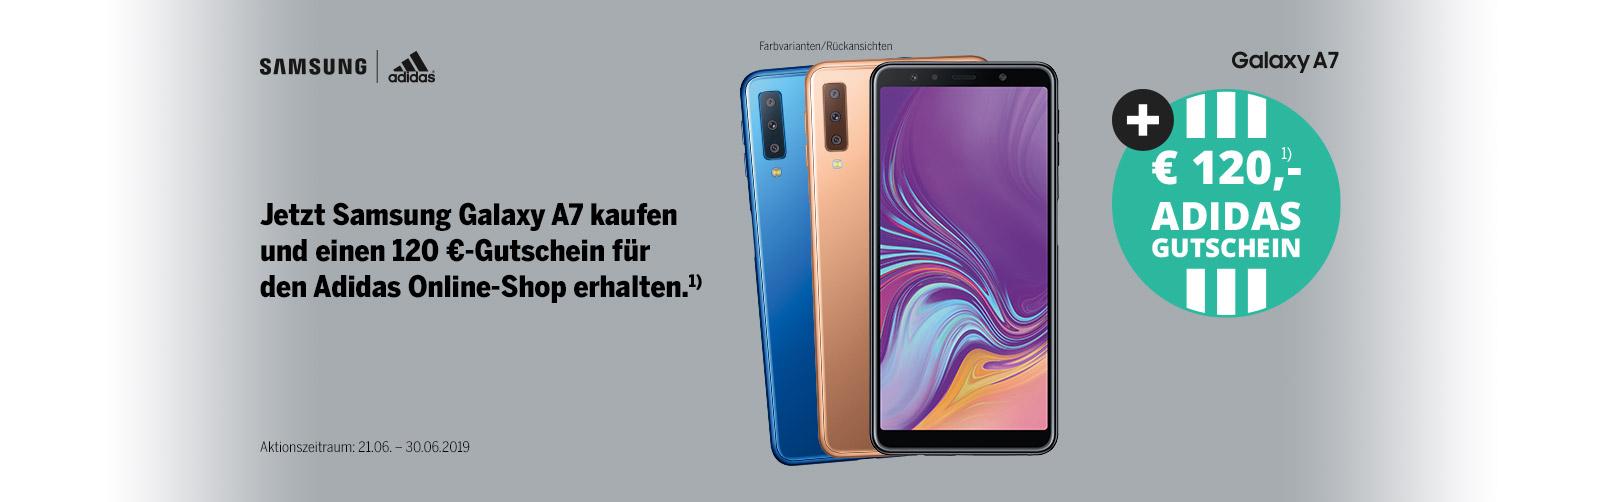 sale online purchase cheap best sell Samsung Galaxy A7 + adidas Gutschein | Medimax